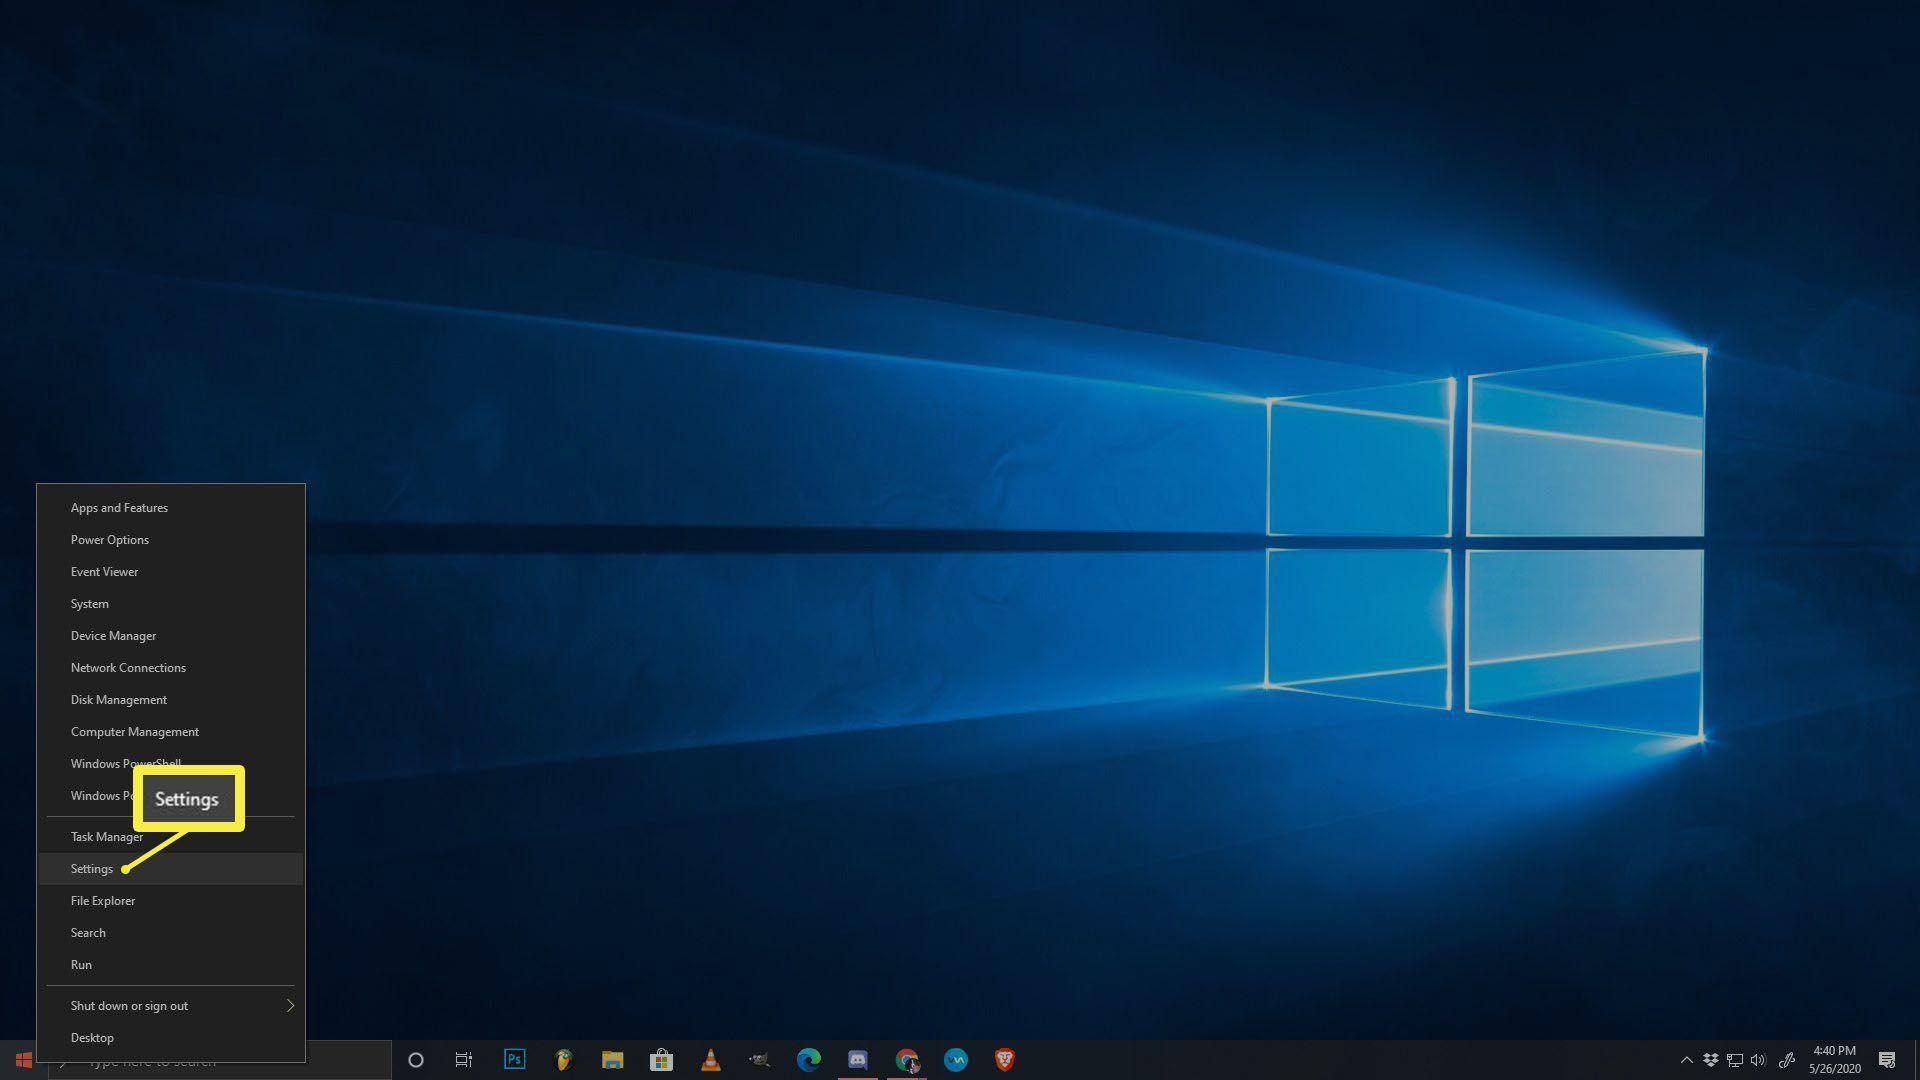 A screenshot of the Windows 10 start menu.